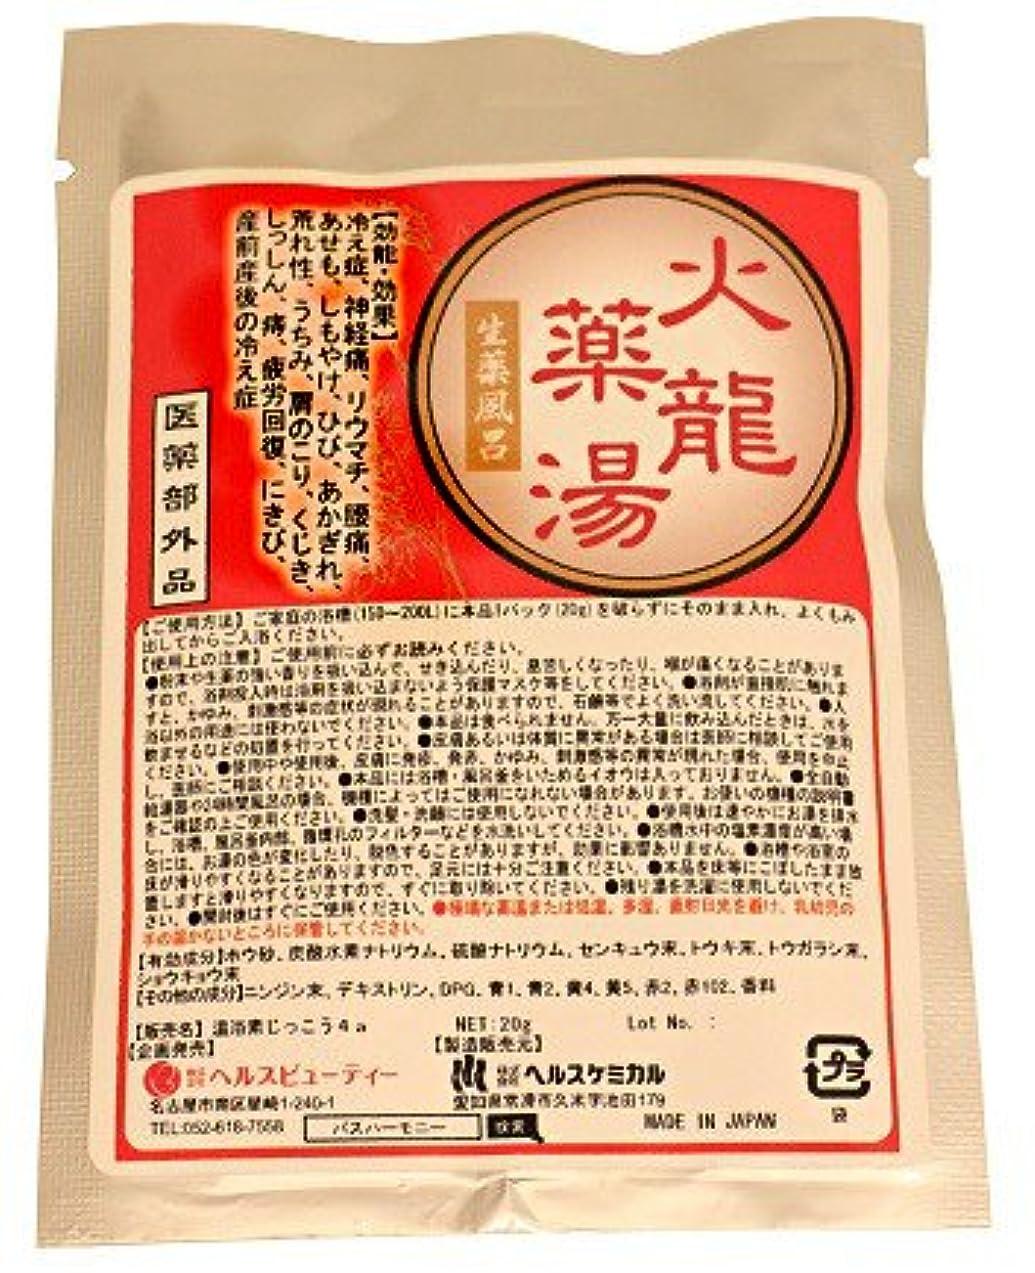 任命スペシャリストピット火龍 薬湯 分包 タイプ 1回分 生薬 薬湯 天然生薬 の 香り 医薬部外品